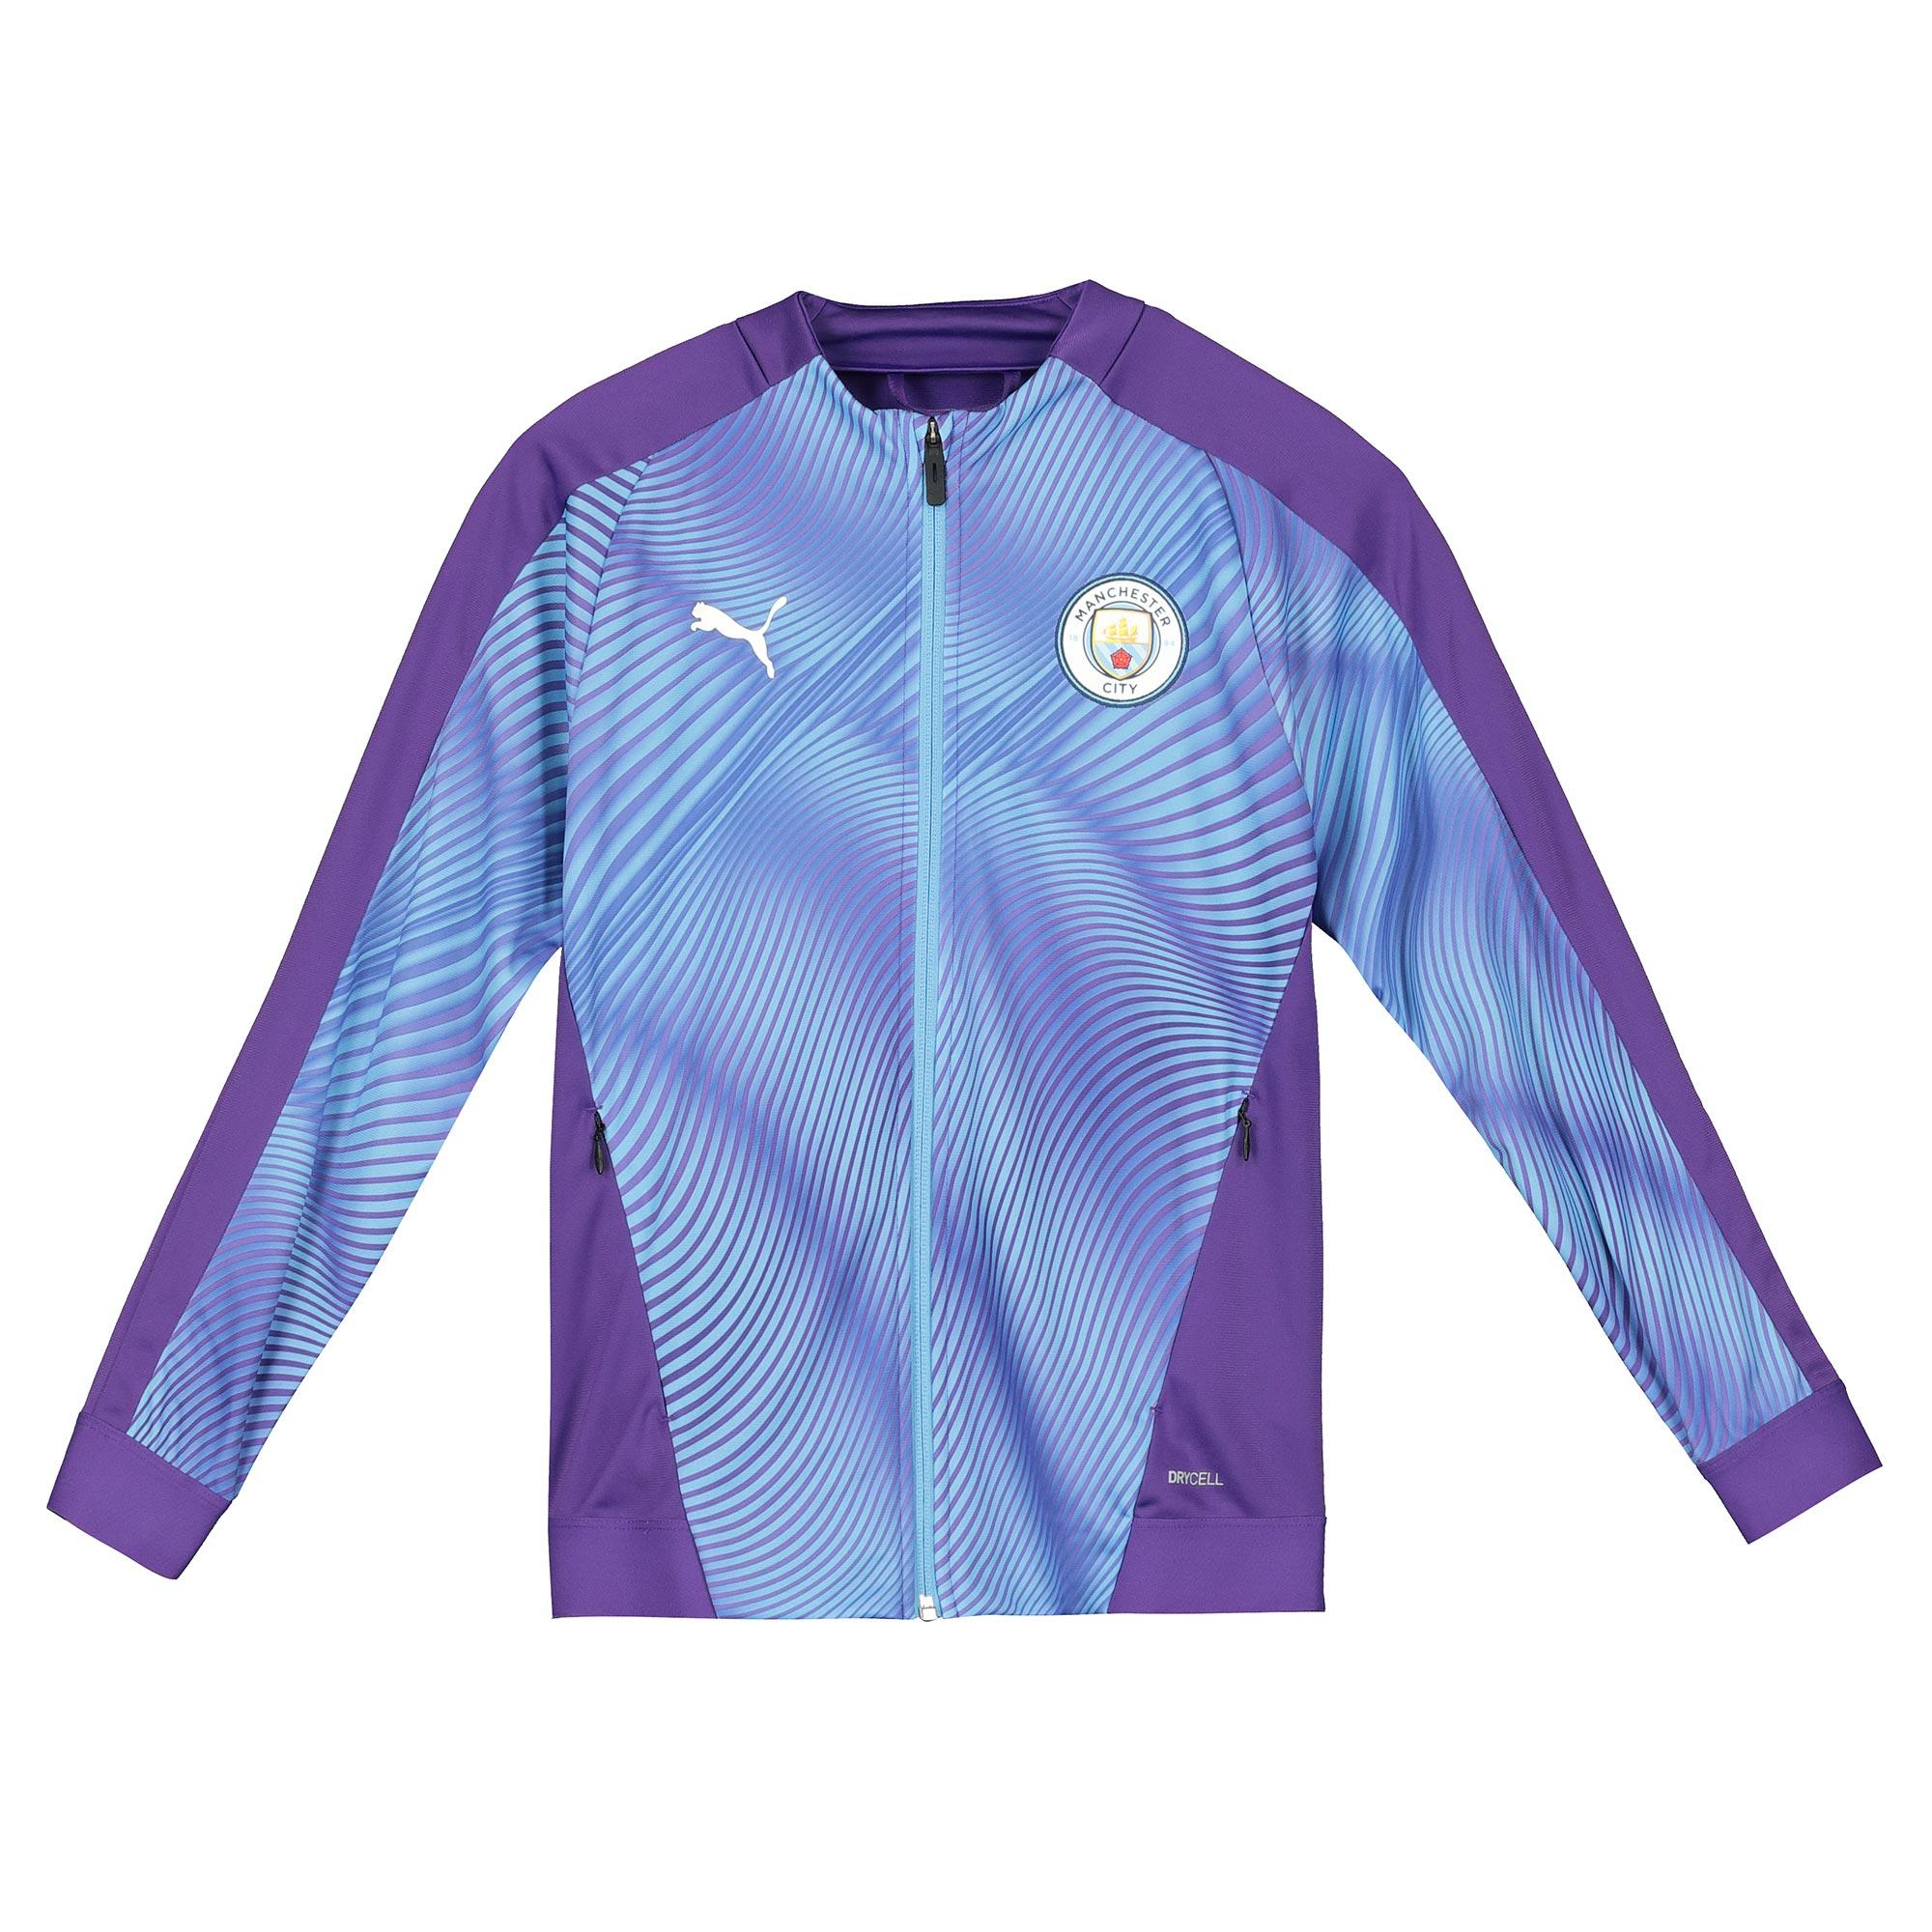 Chaqueta con el estadio del Manchester City - púrpura - niño